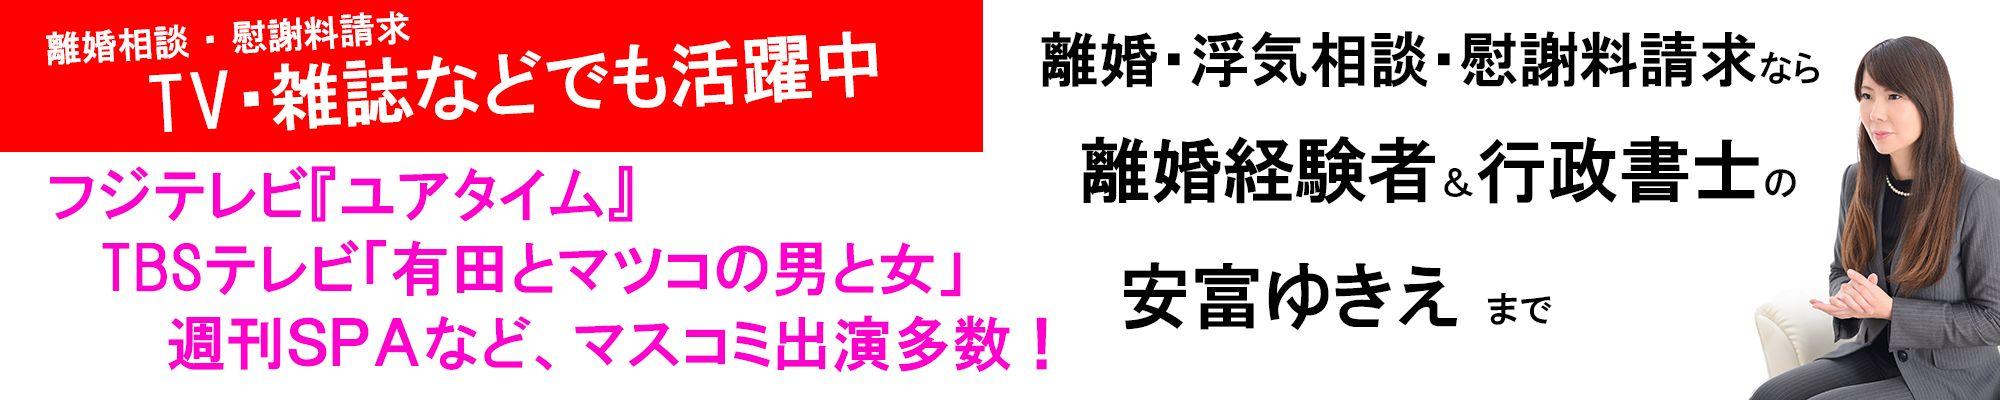 離婚相談横浜